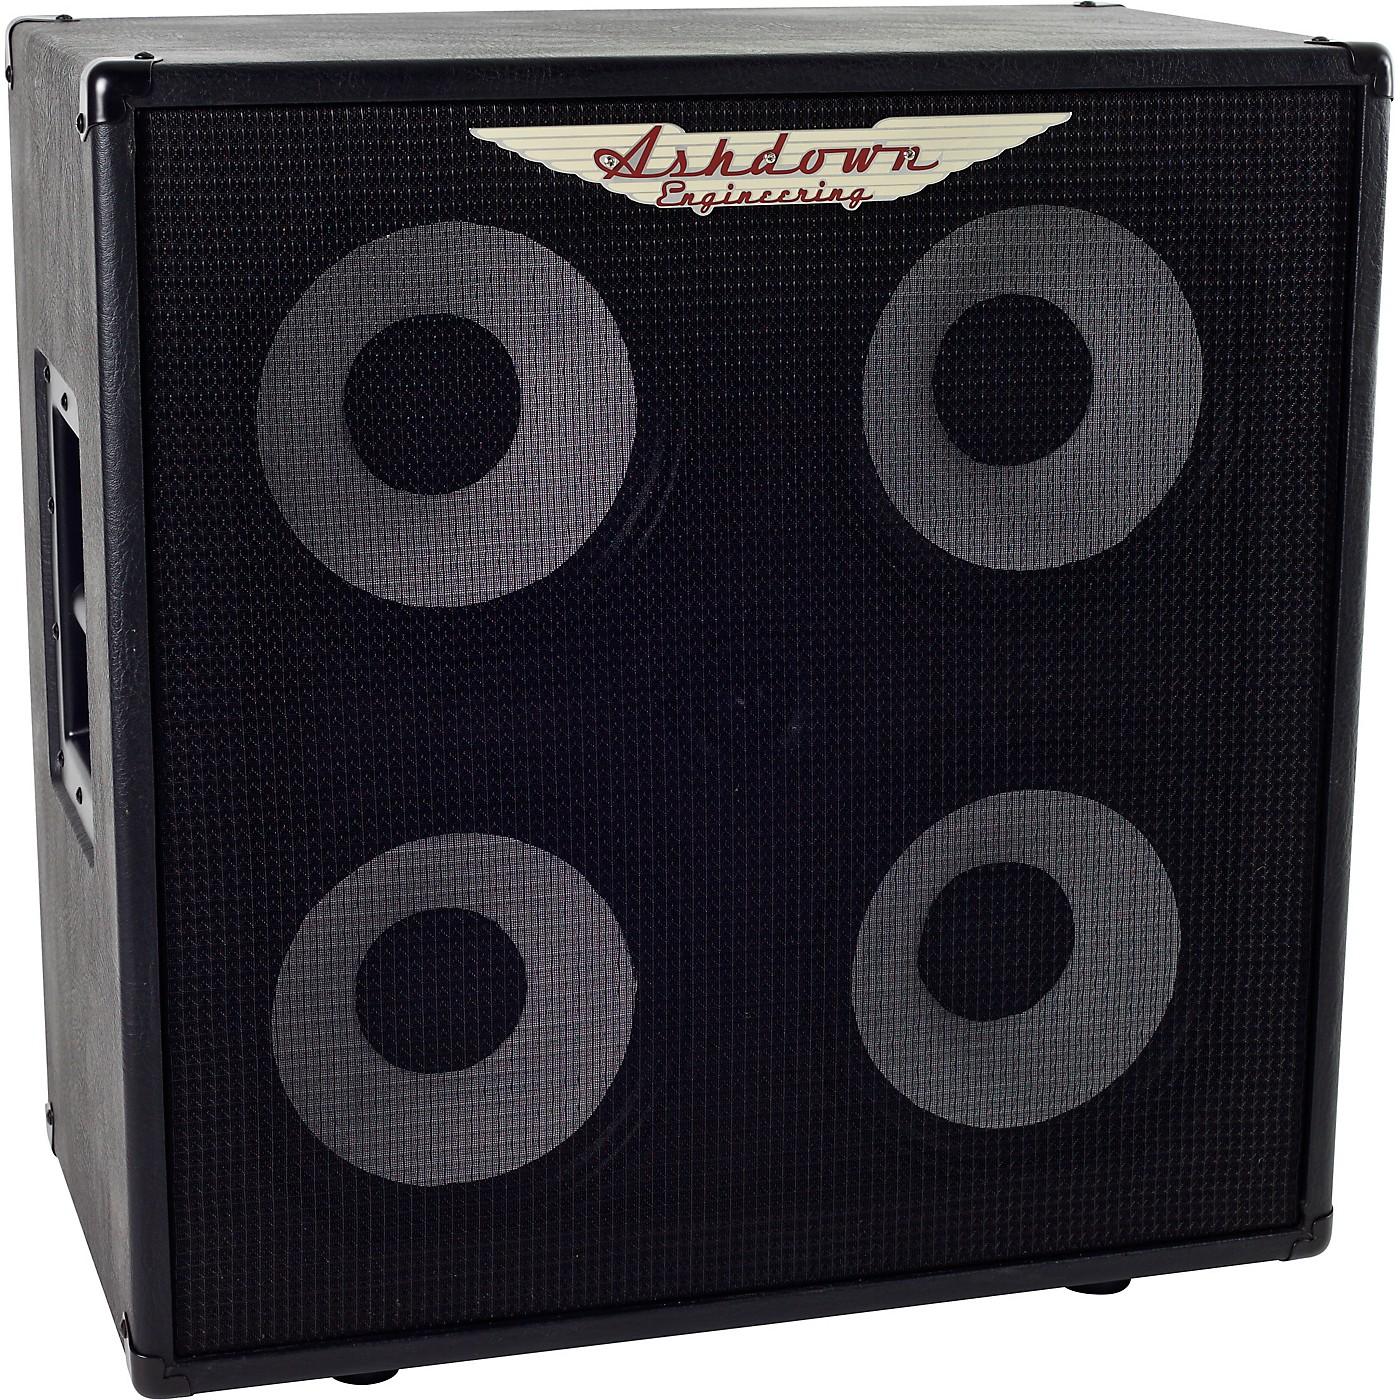 Ashdown Rootmaster EVO 410T II 600W 4x10 Bass Speaker Cabinet thumbnail